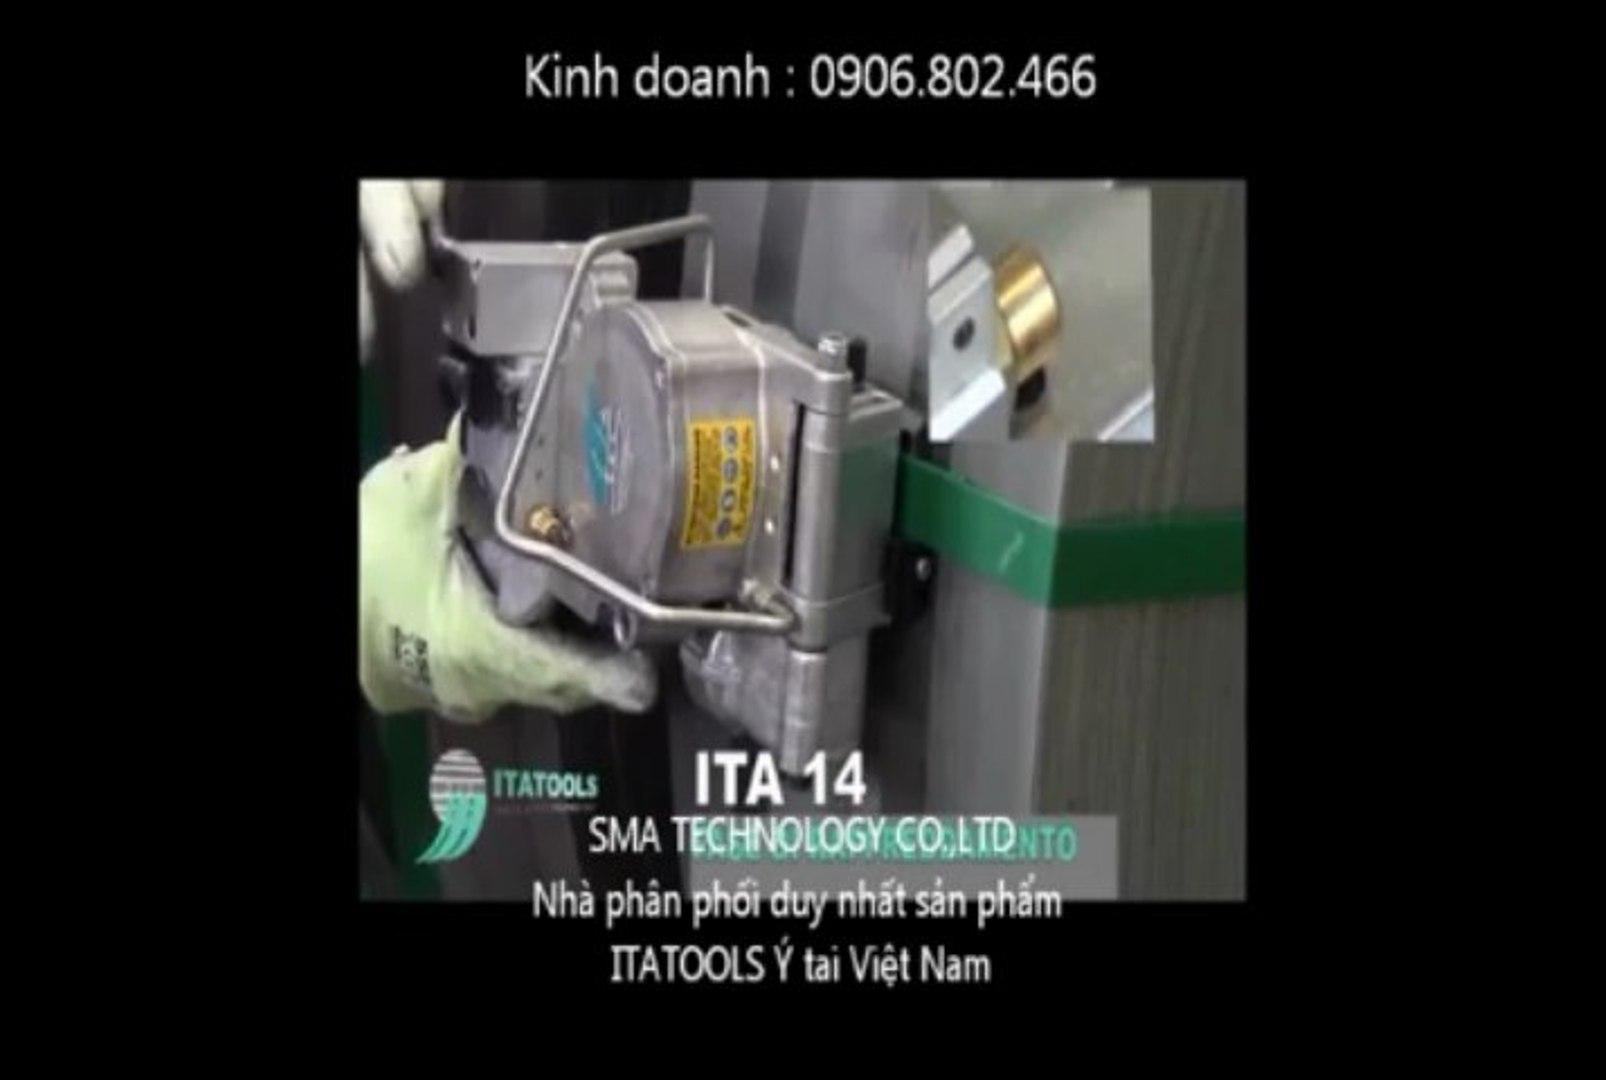 ITA-14 / máy đóng đai pet / máy niềng đai pet khí nén / itatools / dụng cụ đóng đai pet